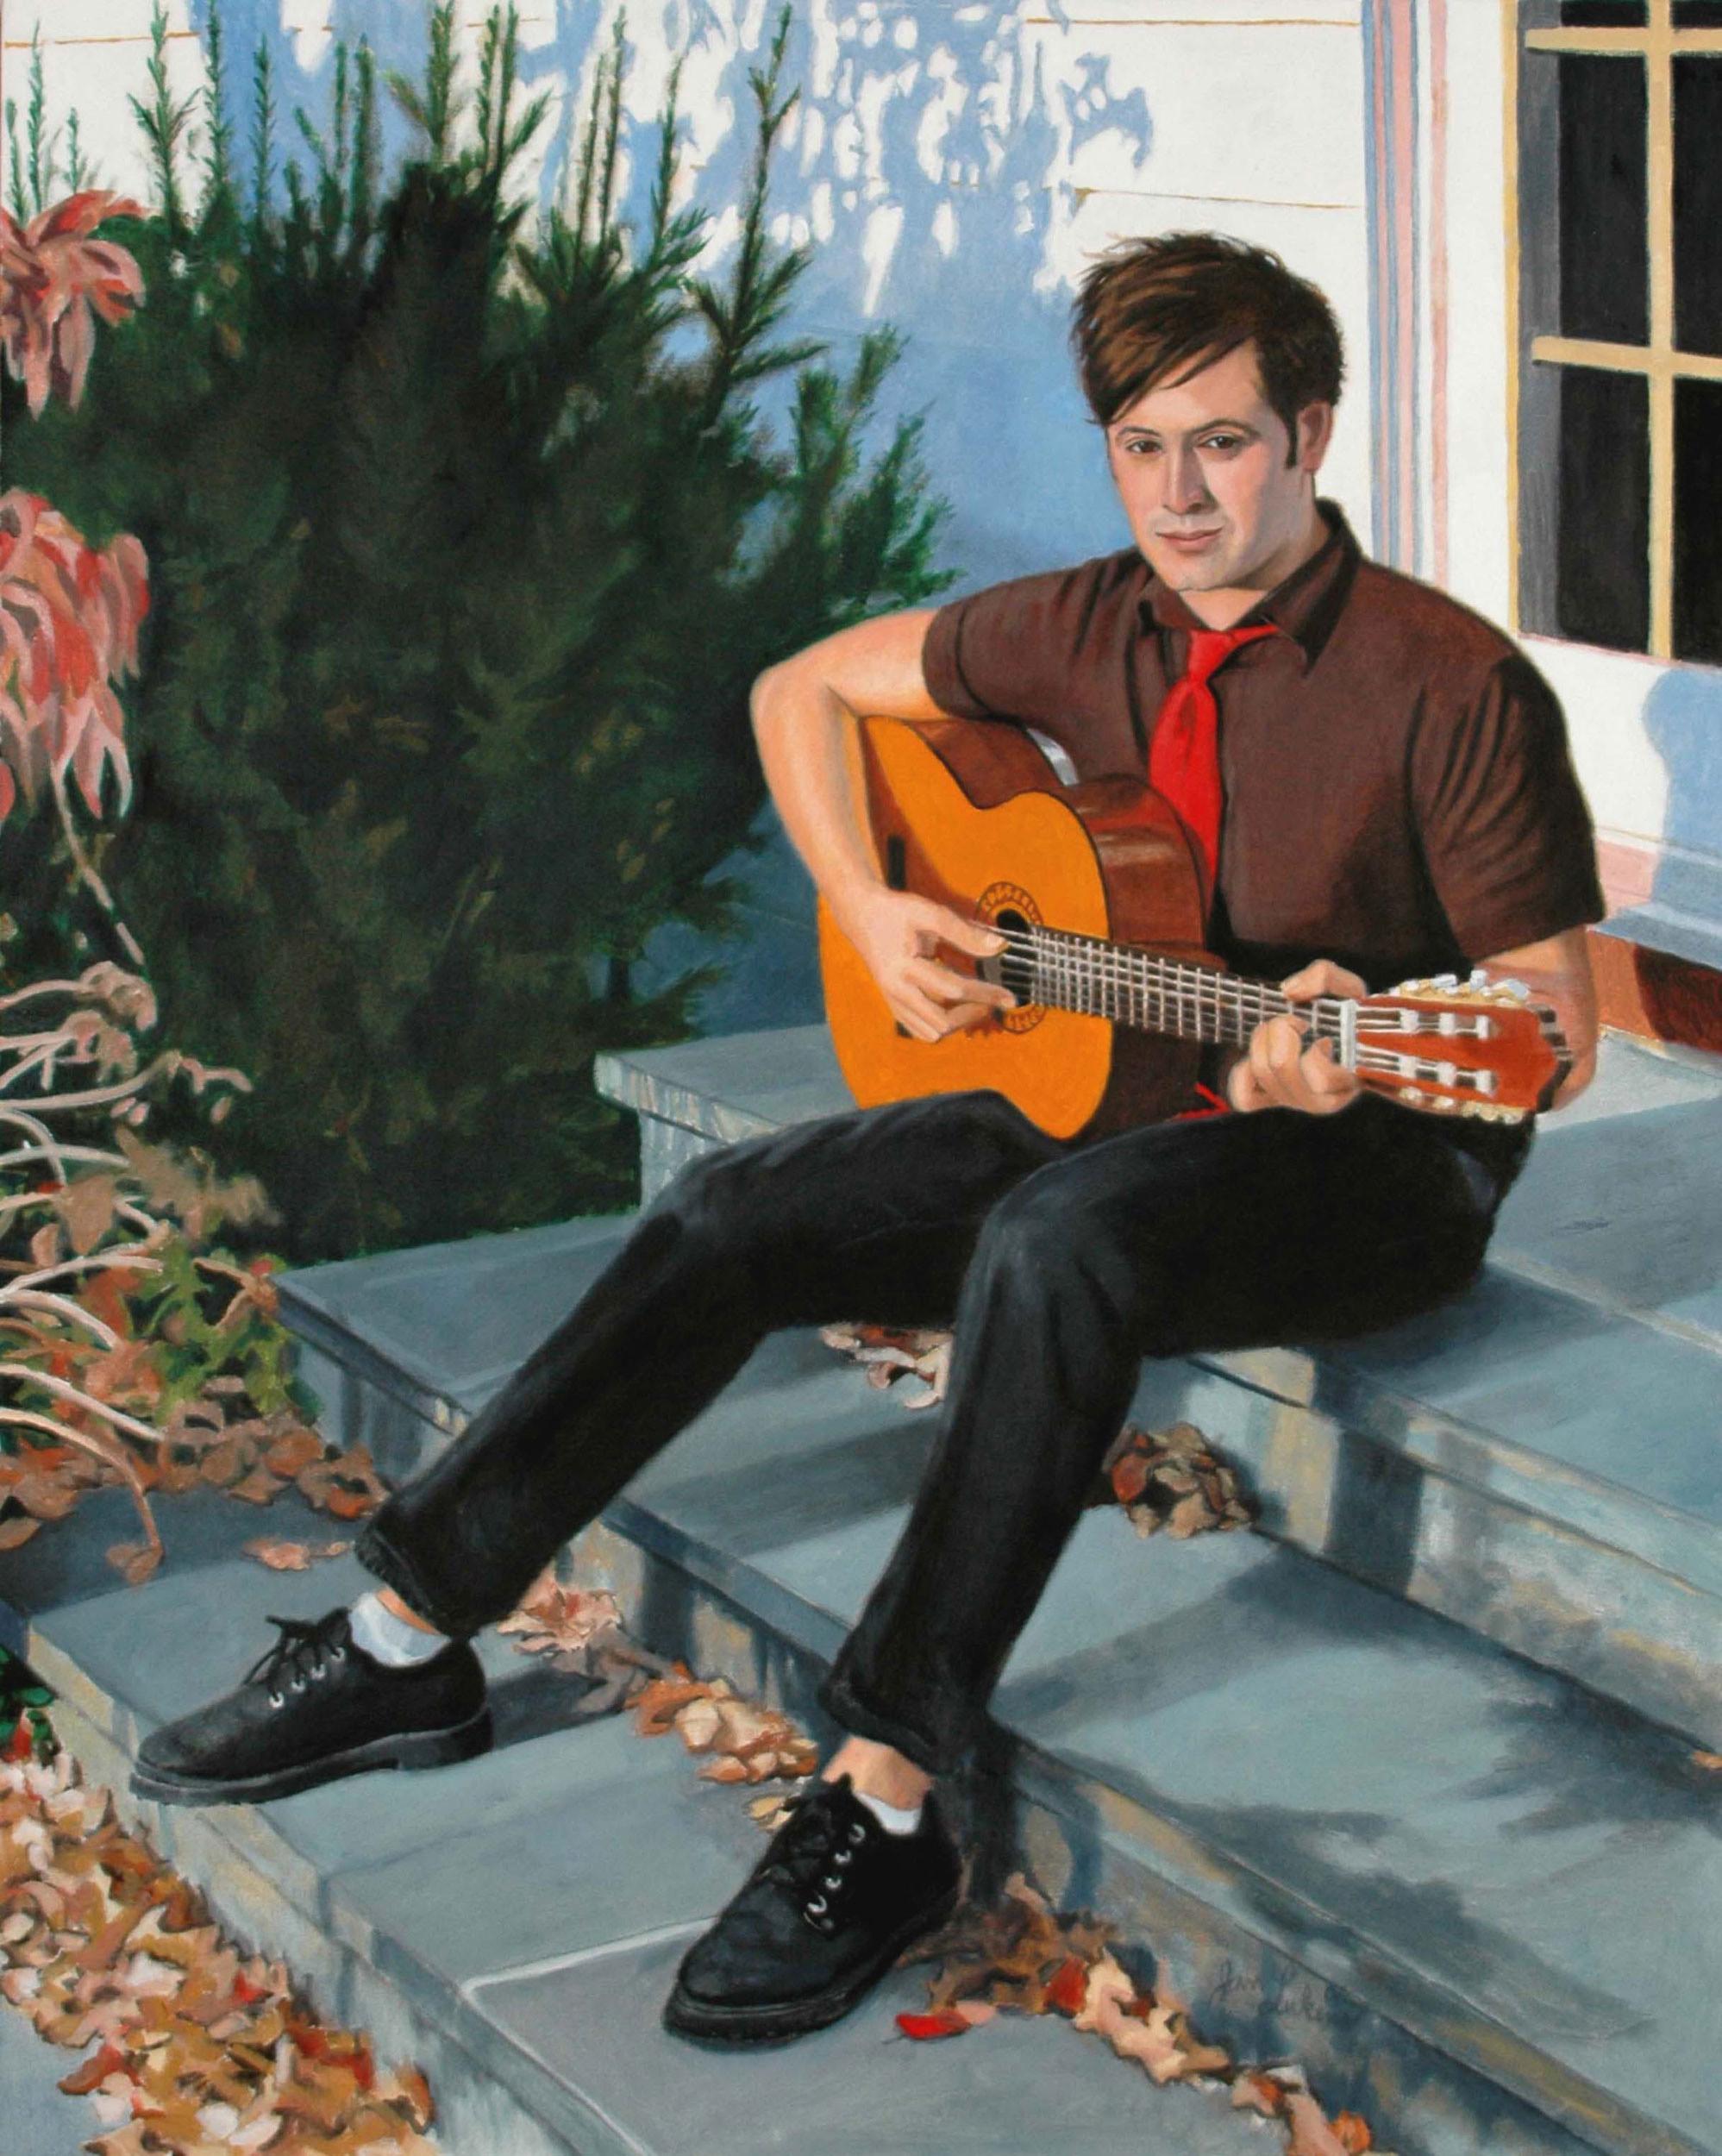 Dan Playing Guitar